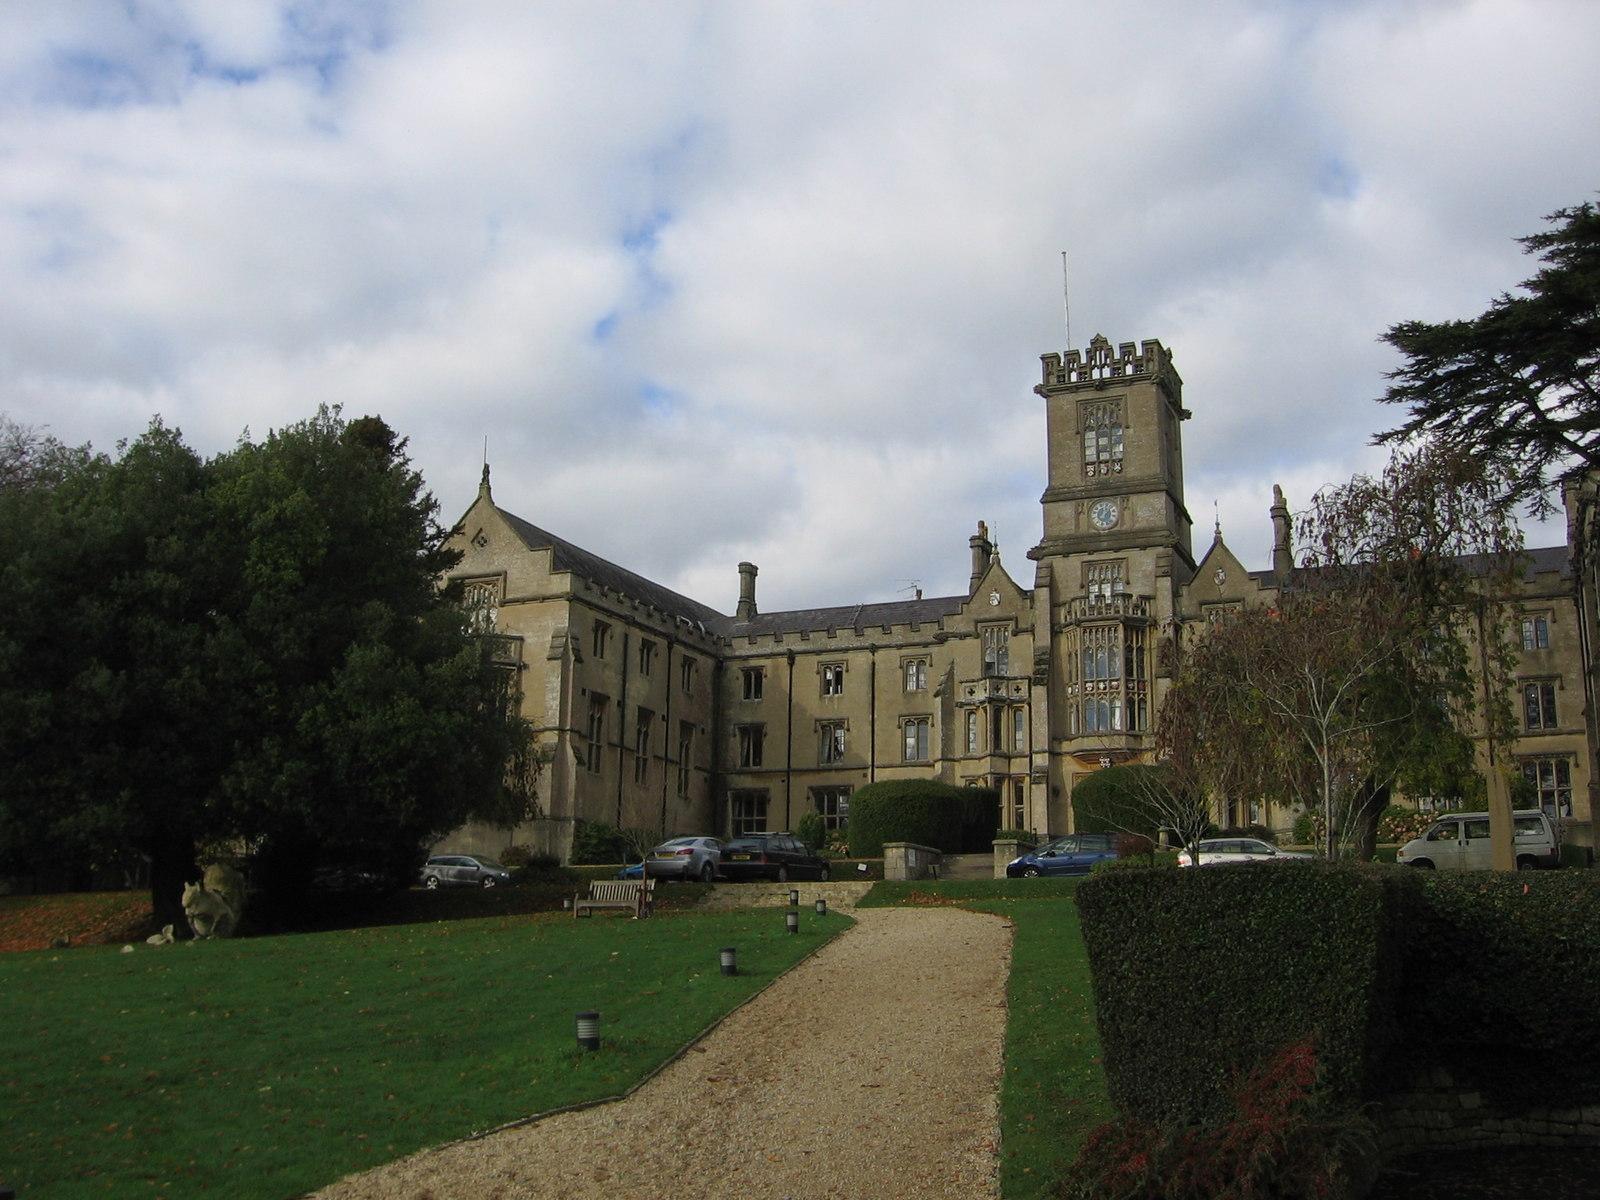 Kingswood School - Wikipedia